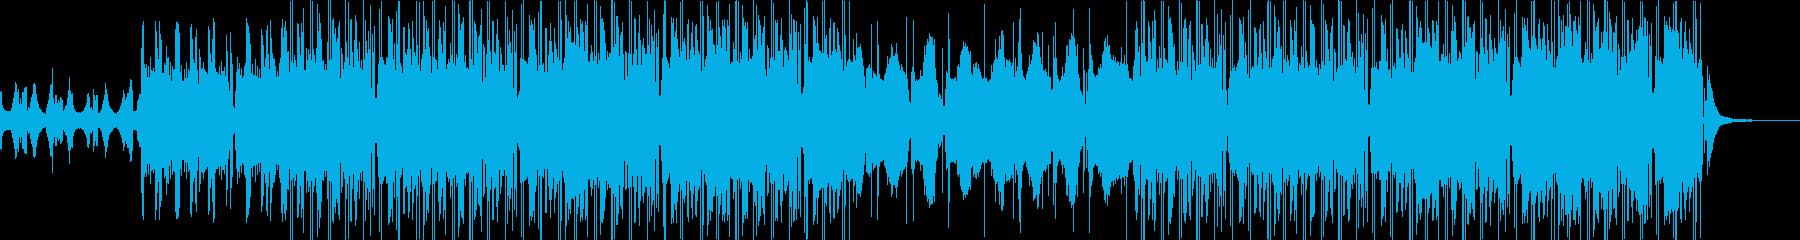 bpm116- 優しく穏やかなチルアウトの再生済みの波形